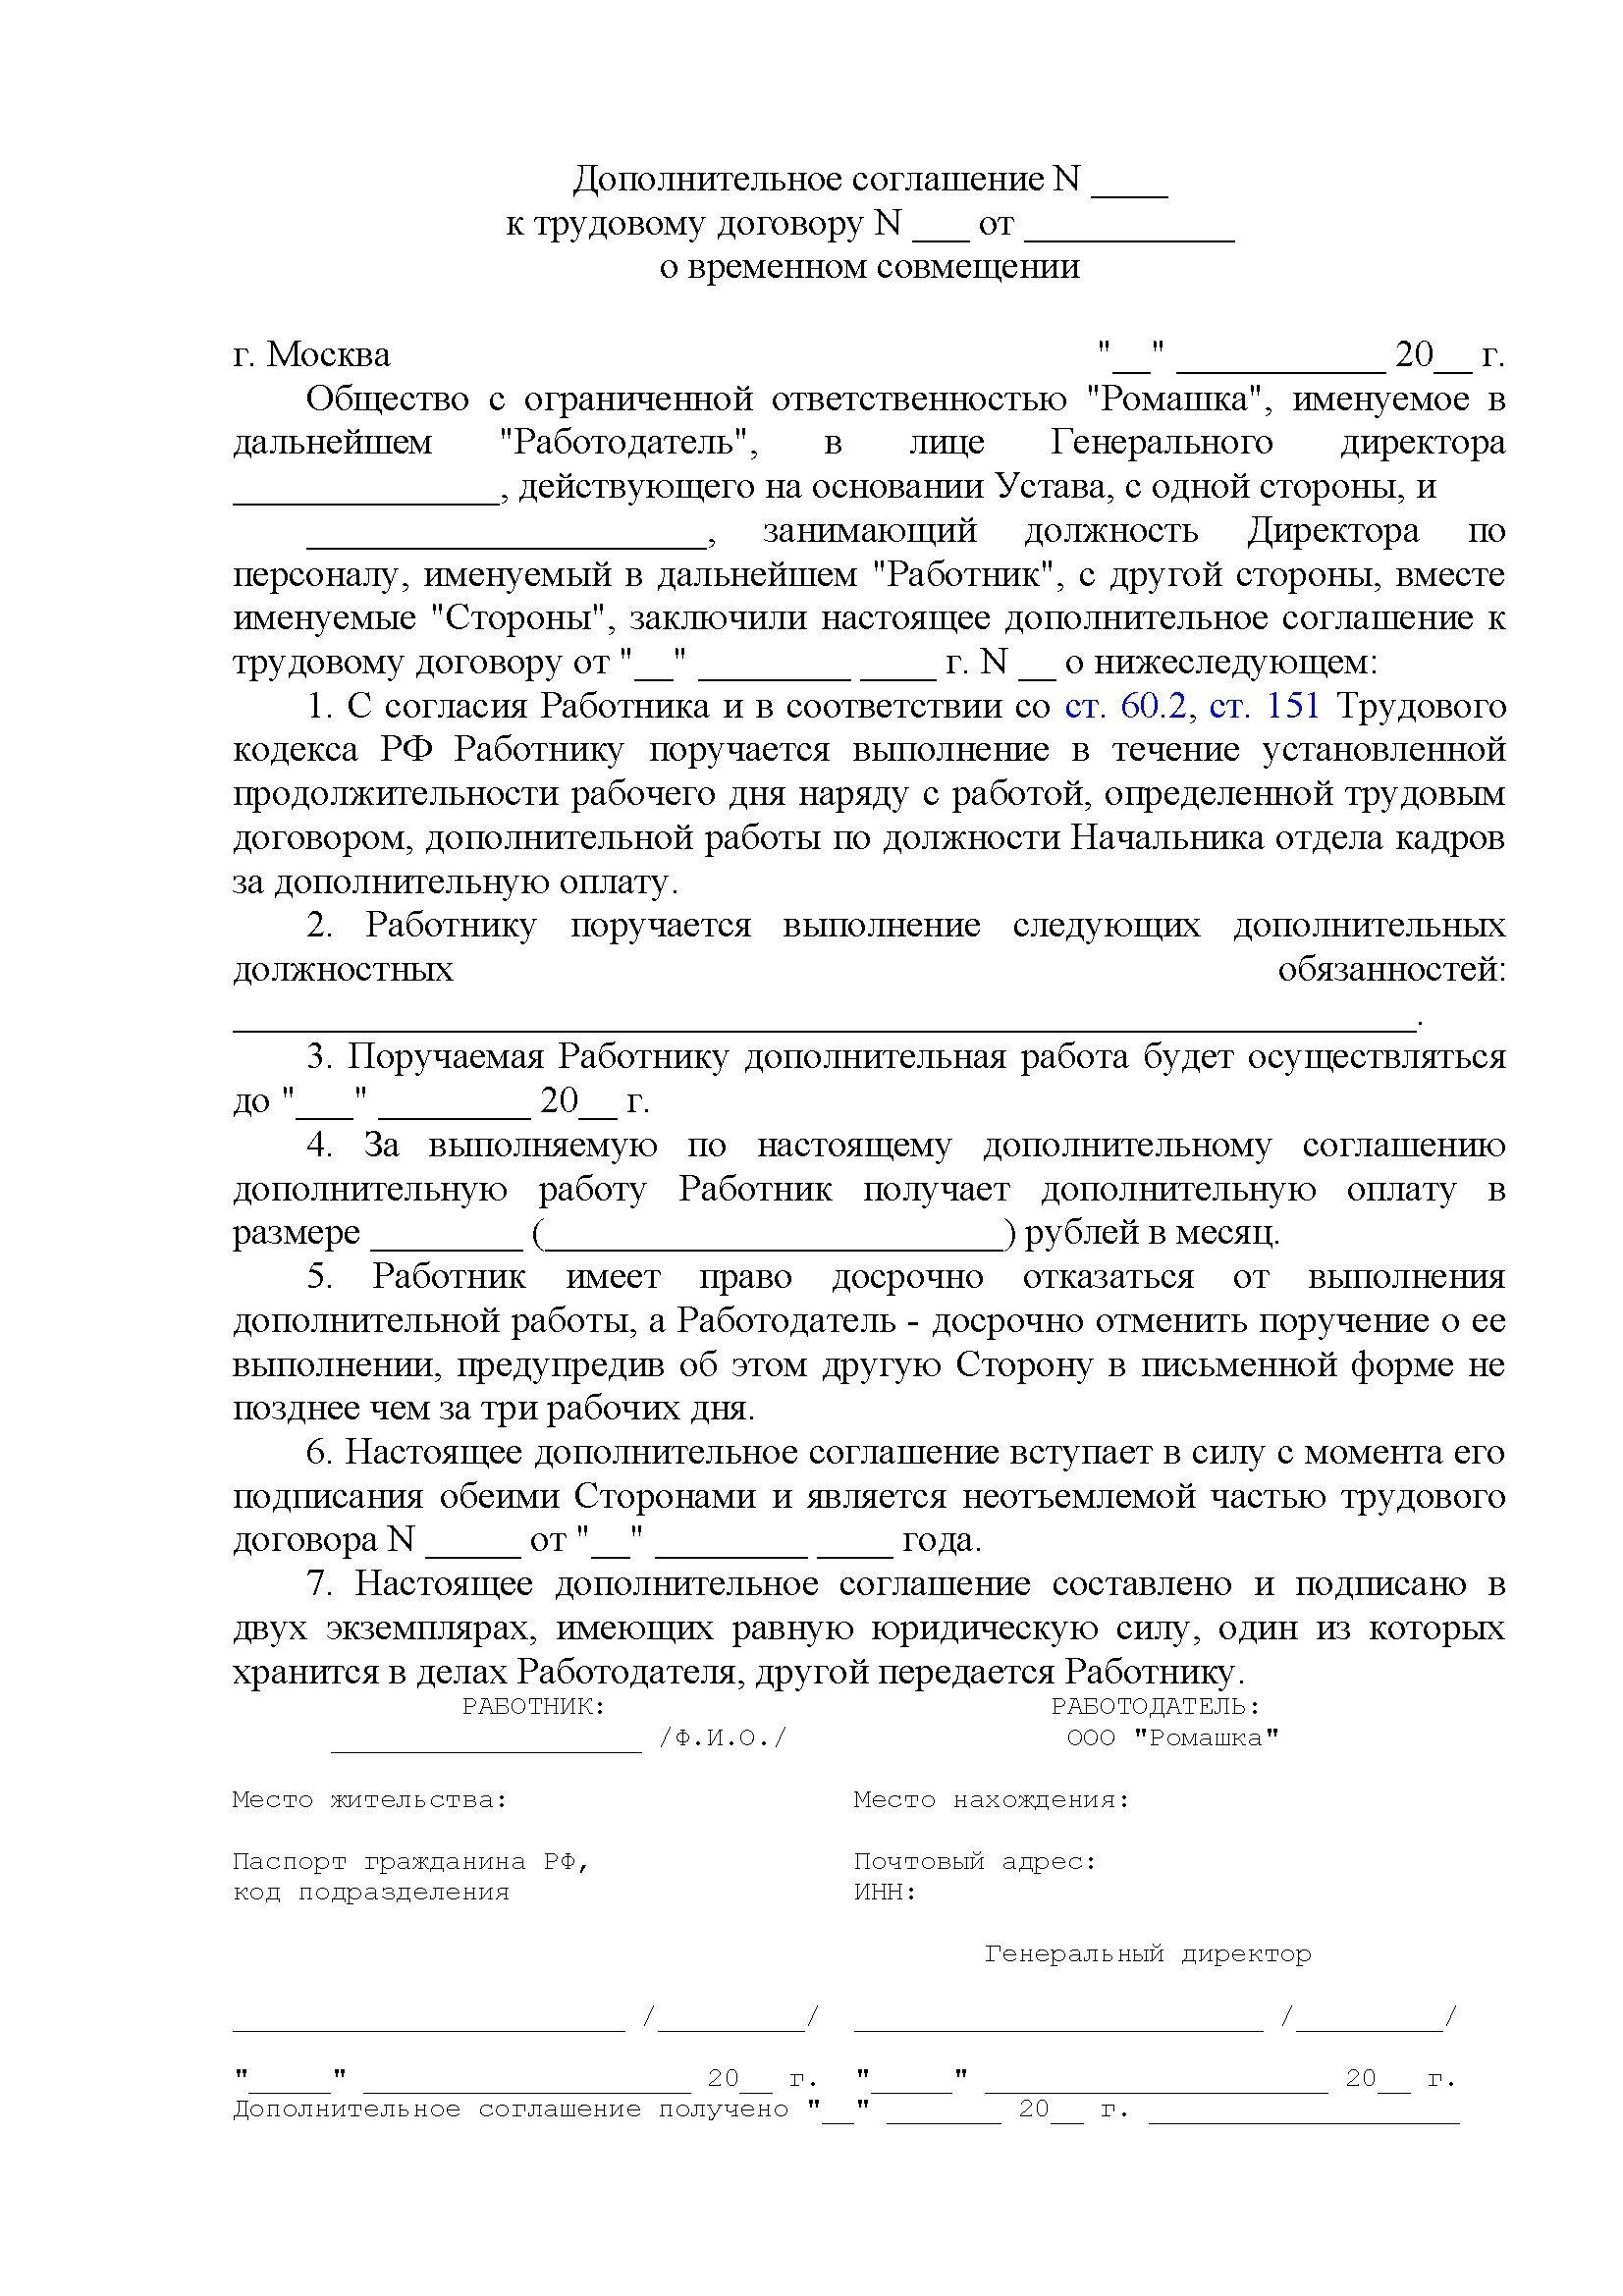 Дополнительное соглашение к трудовому договору о совмещение должностей